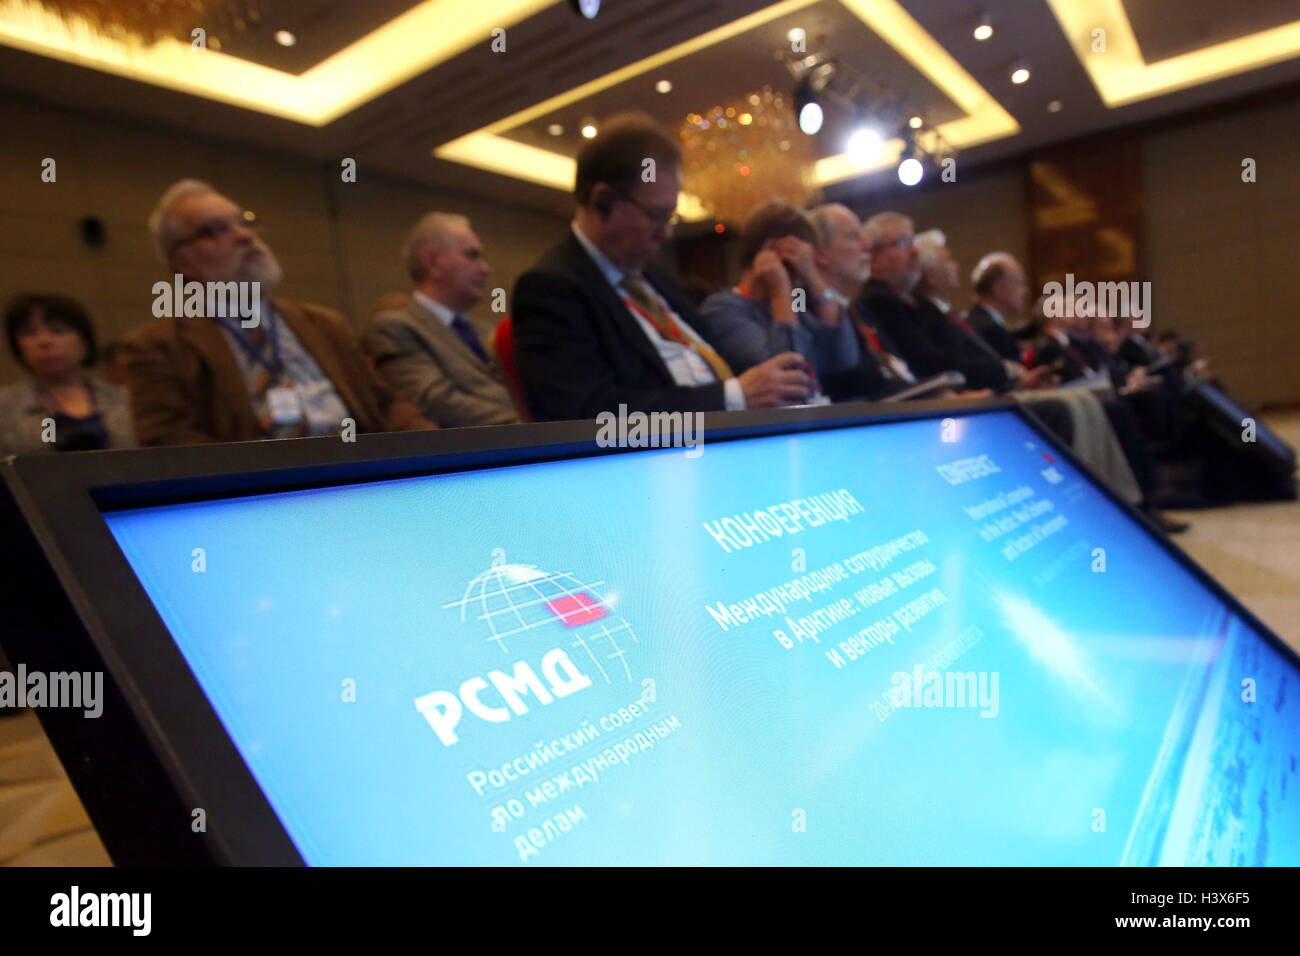 Moskau, Russland. 13. Oktober 2016. Die russischen International Affairs Council veranstaltet eine Konferenz mit Stockbild